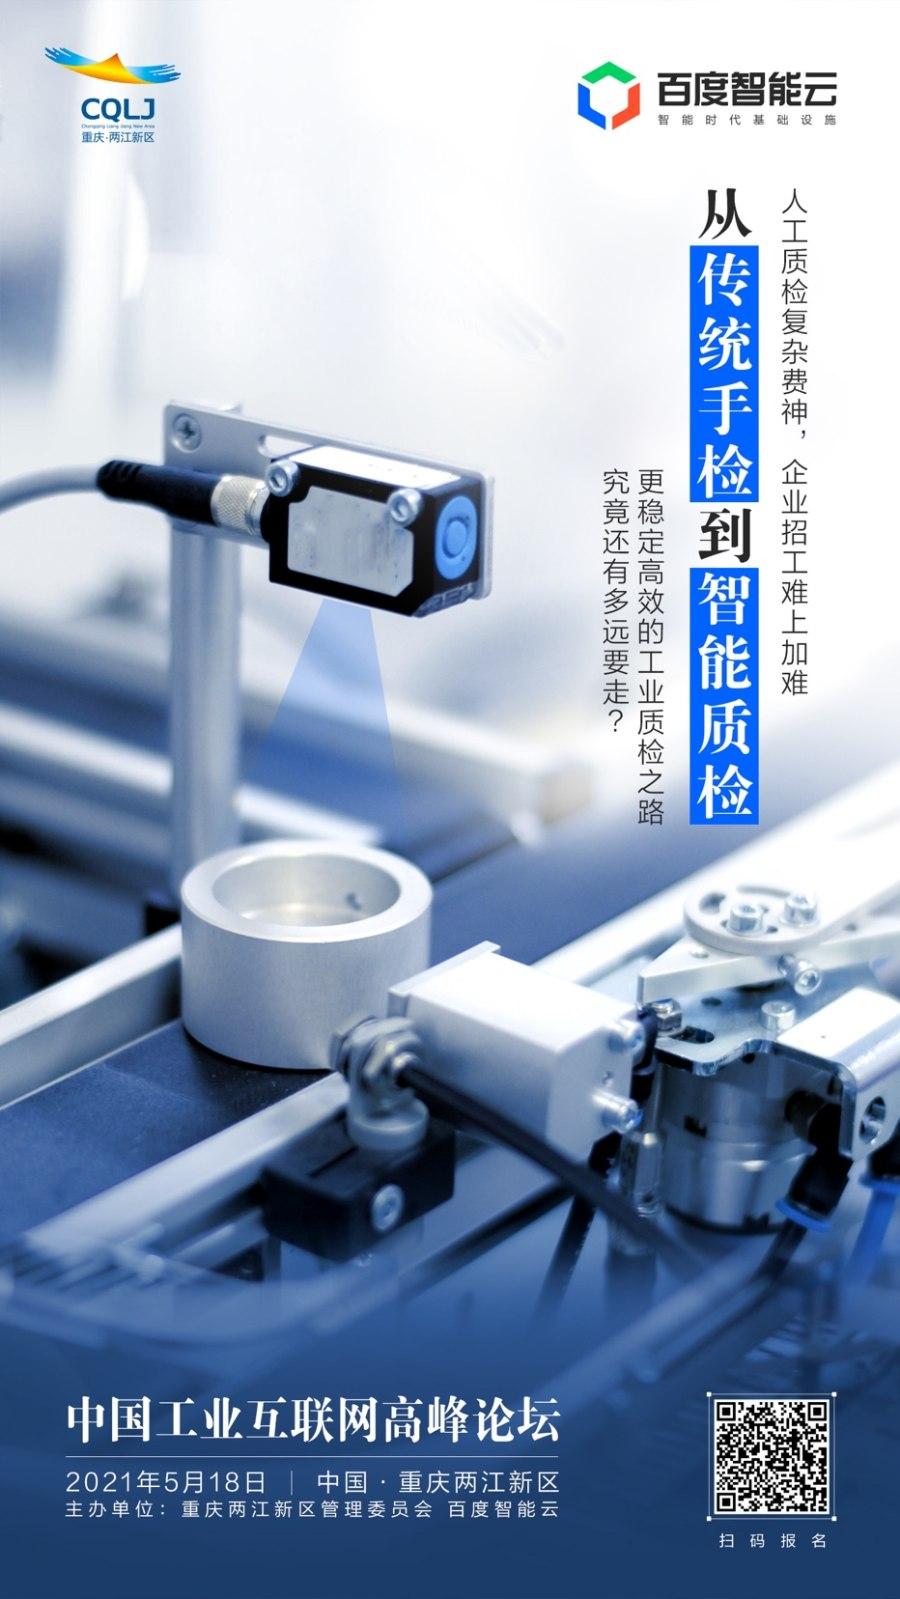 中国工业互联网界的高峰论坛来了,大咖云集,四大亮点抢先看